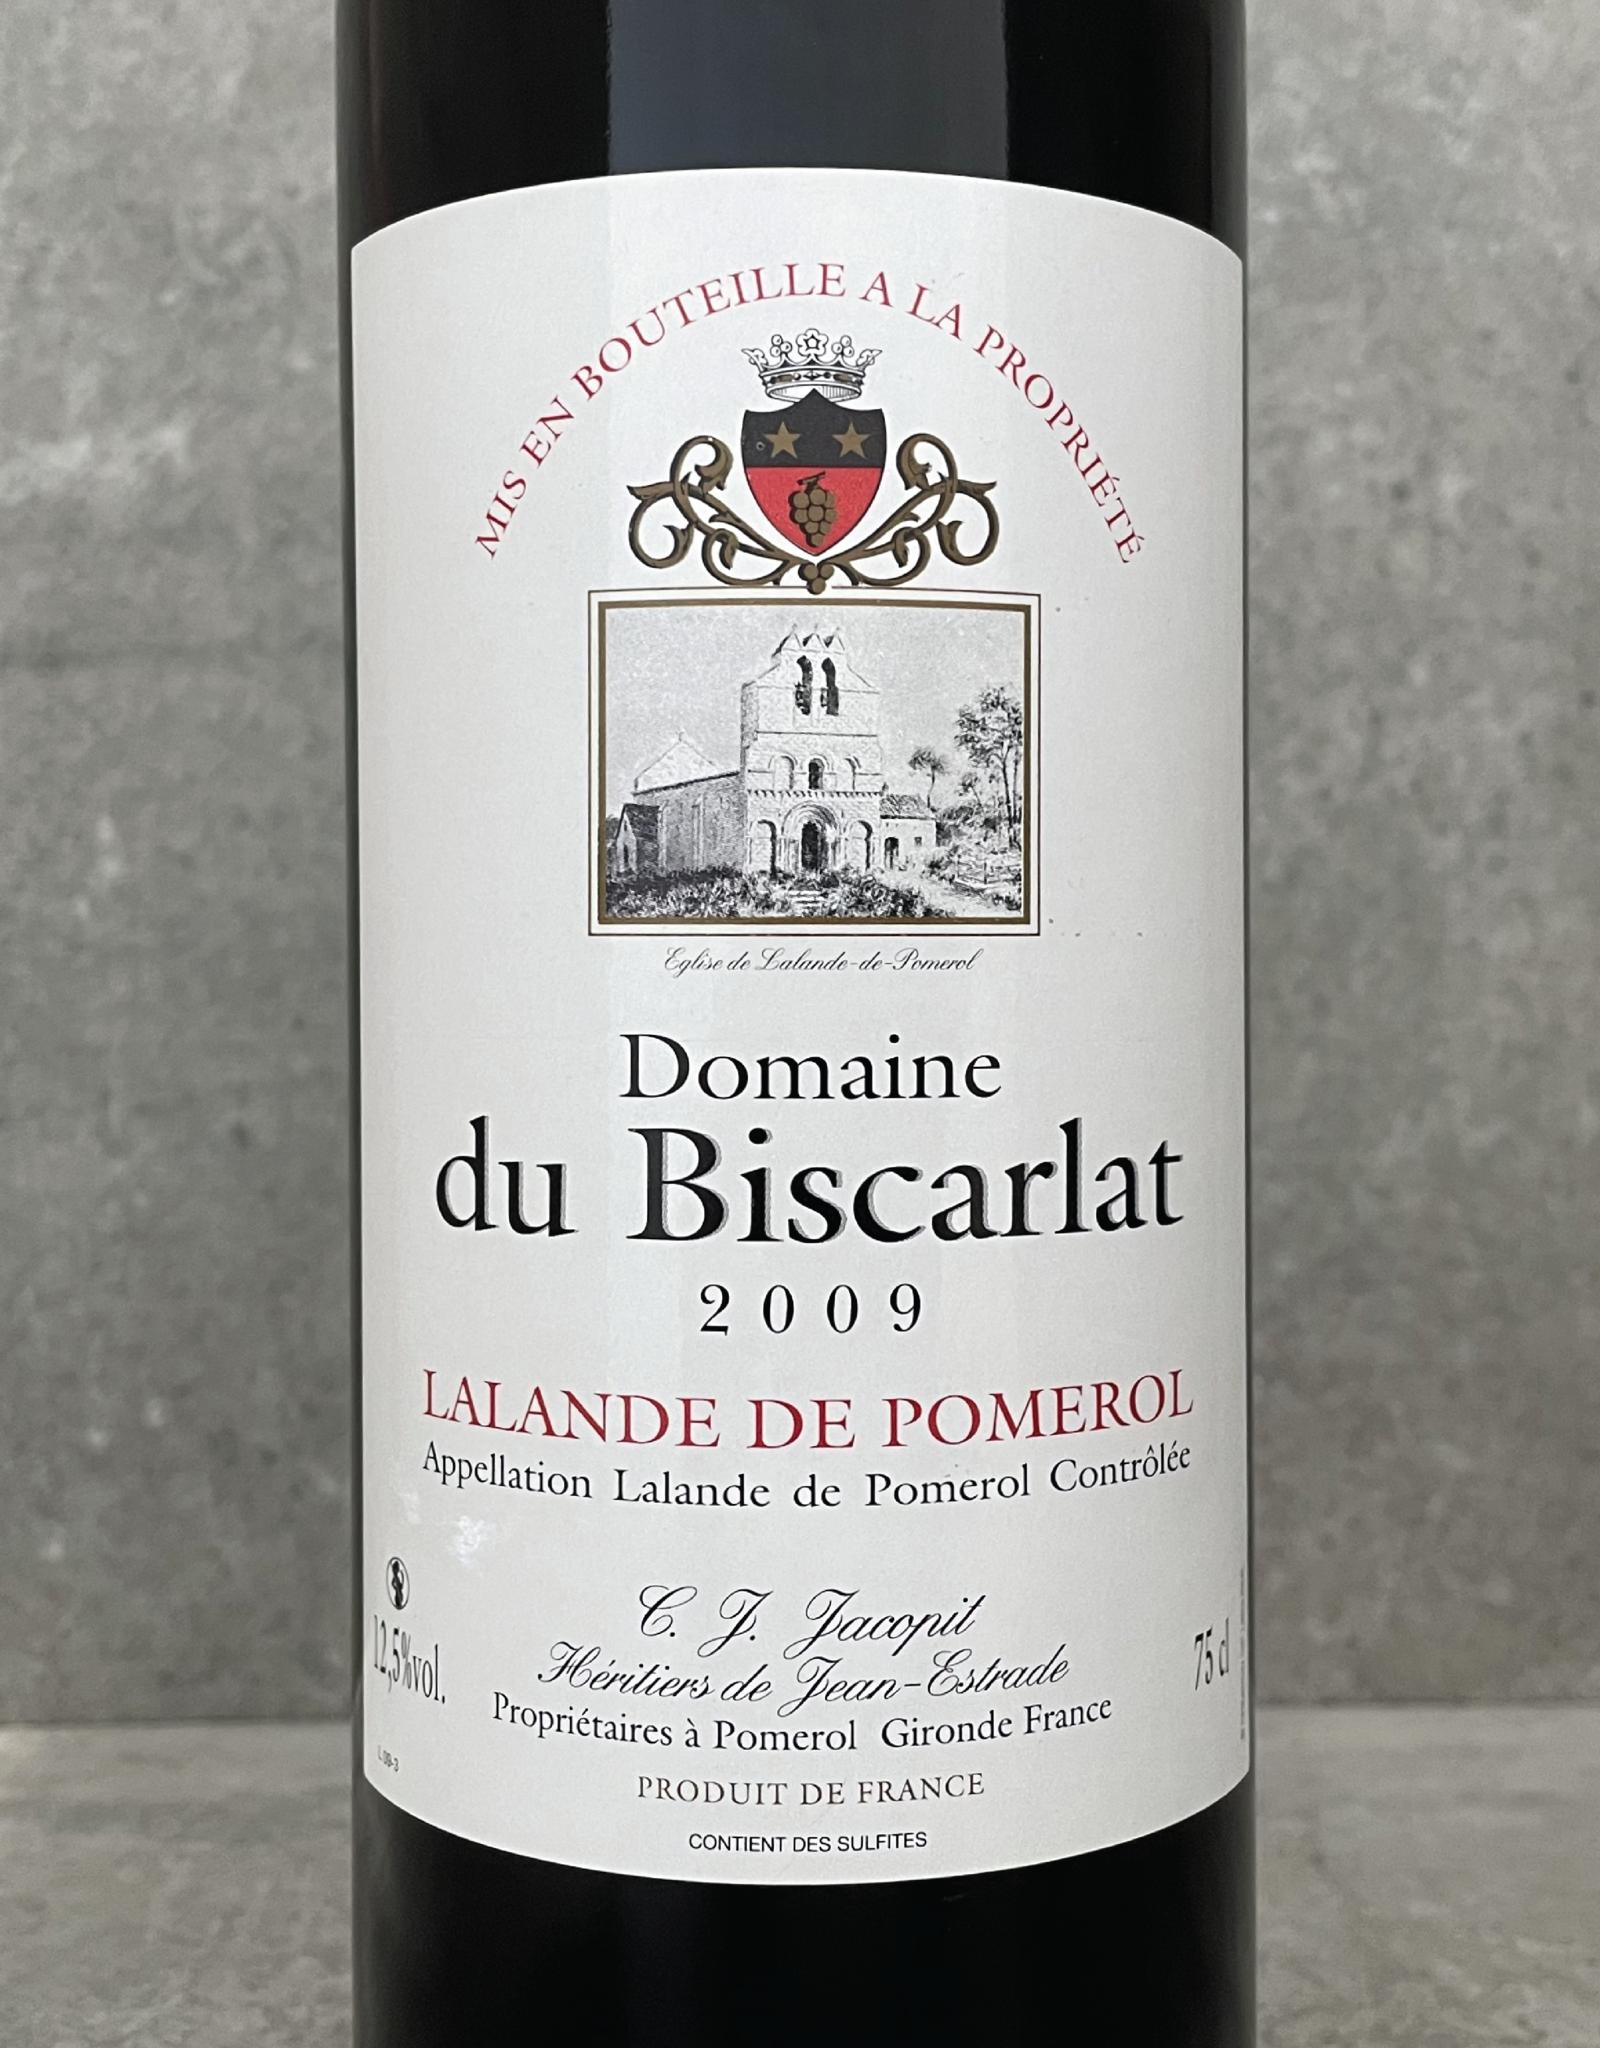 Domaine de Biscarlat Lalande de Pomerol 2009